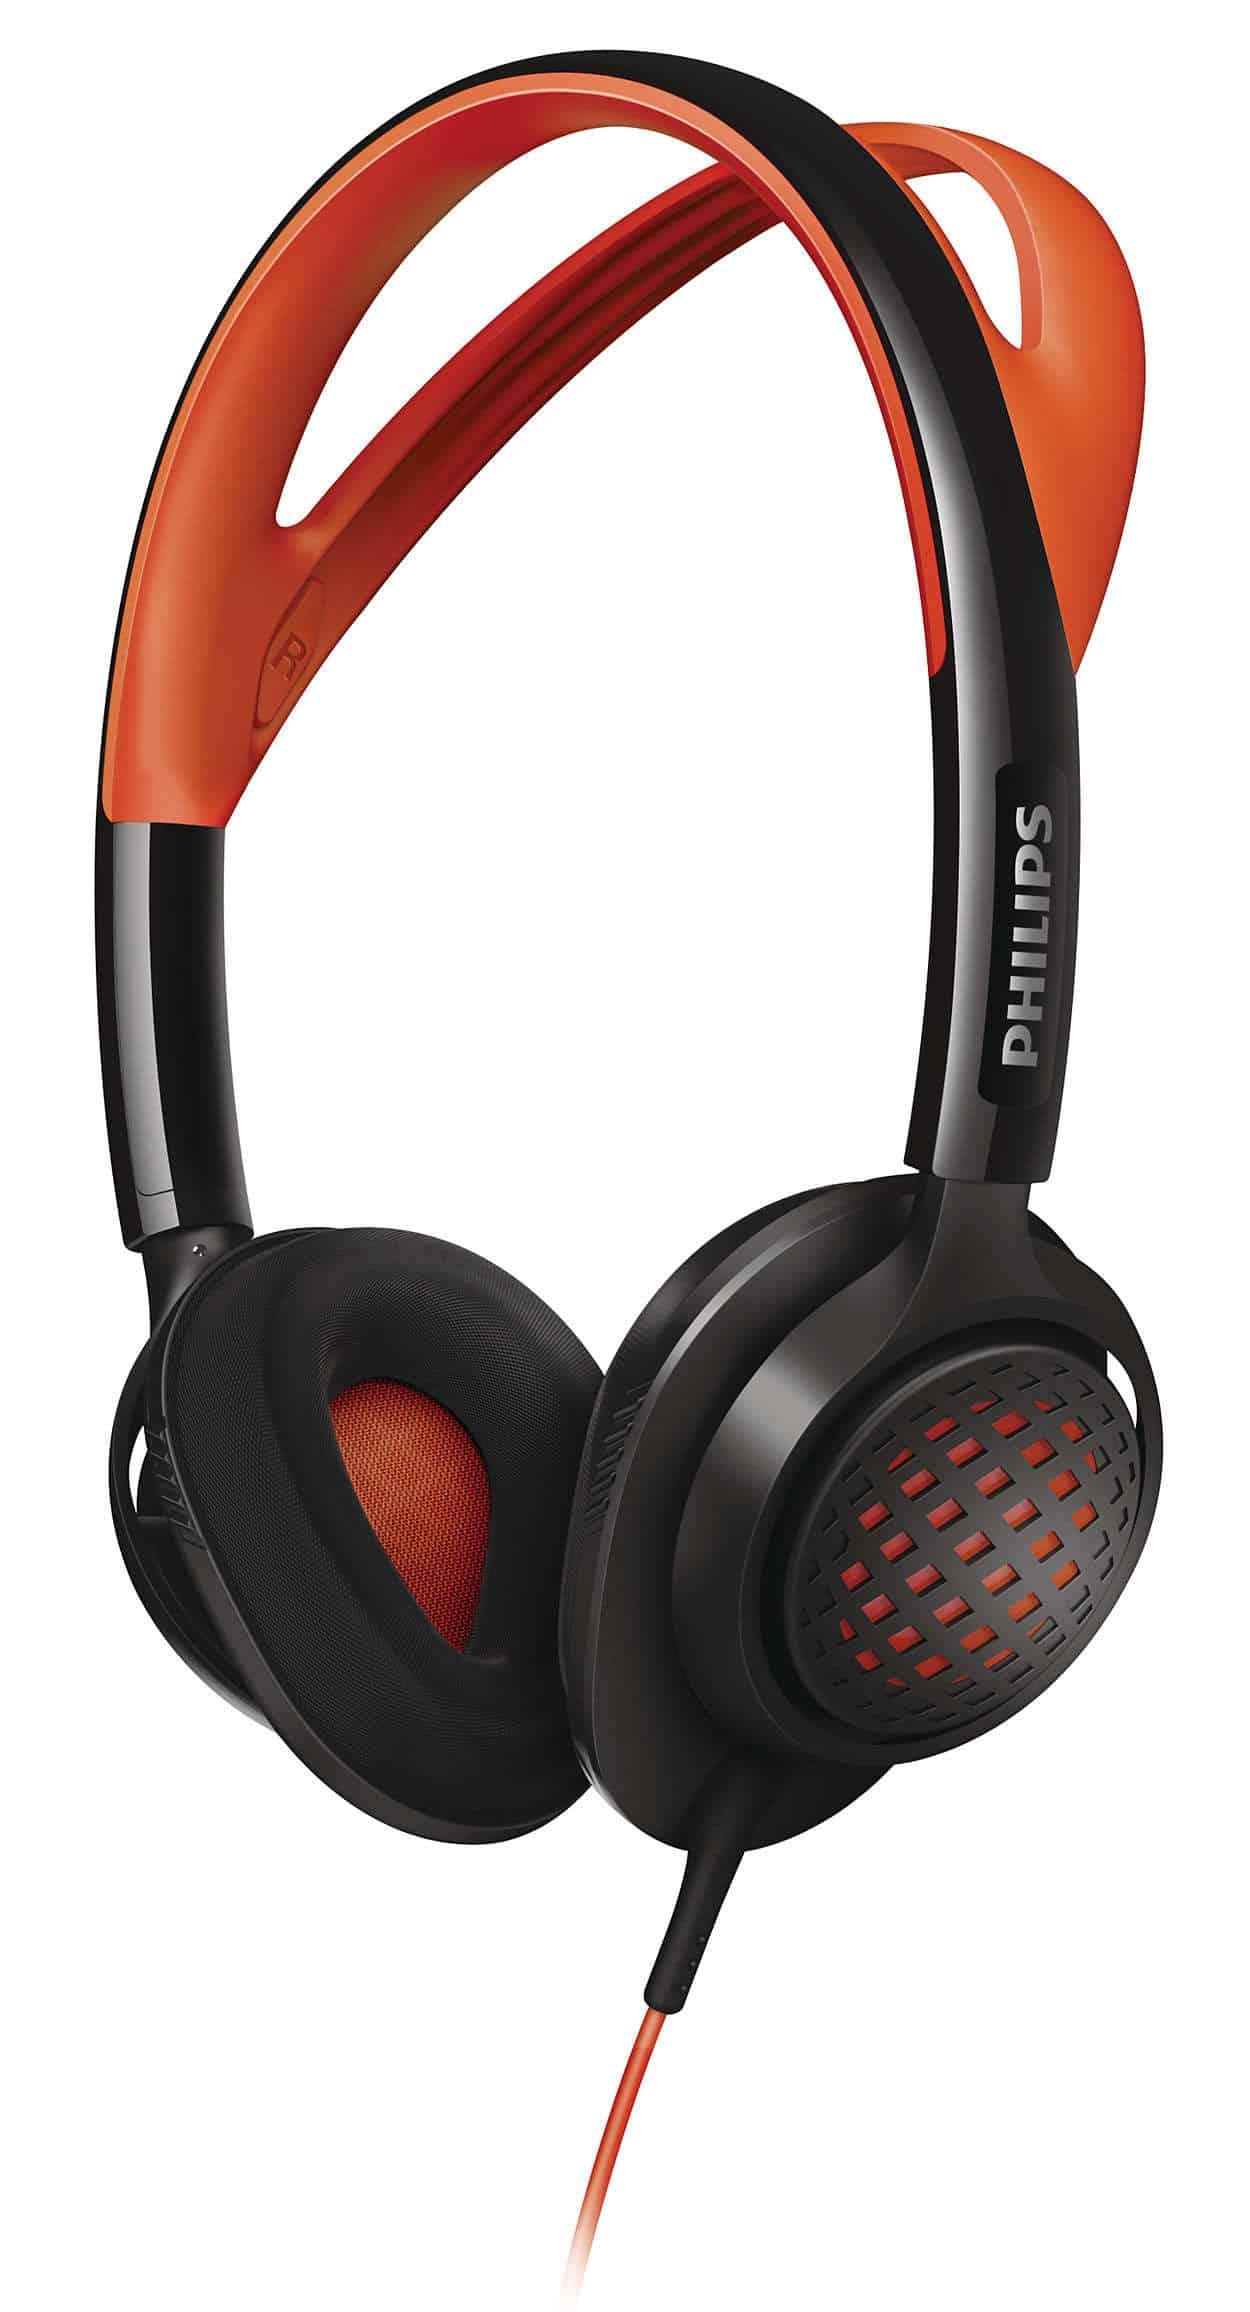 Philips ActionFit SHQ5200 headphones